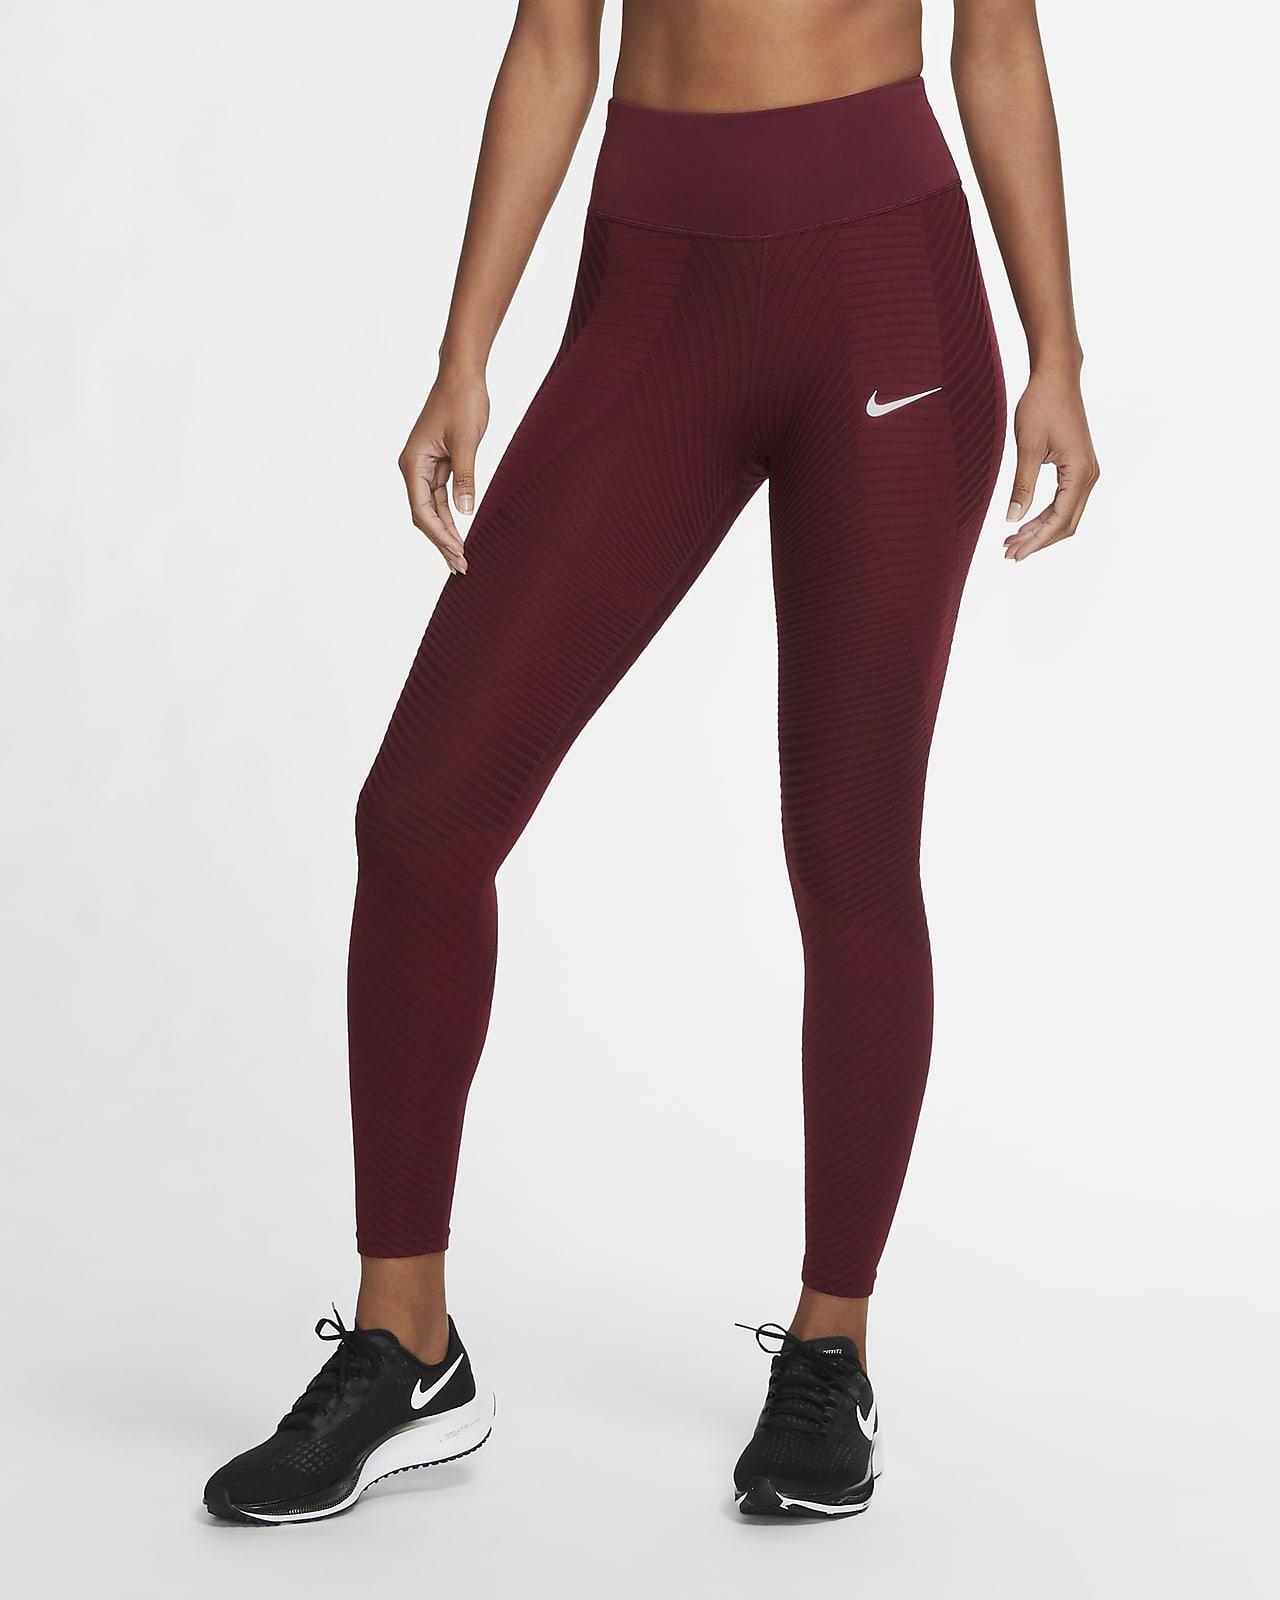 Женские беговые леггинсы из текстурированного материала Nike Epic Luxe